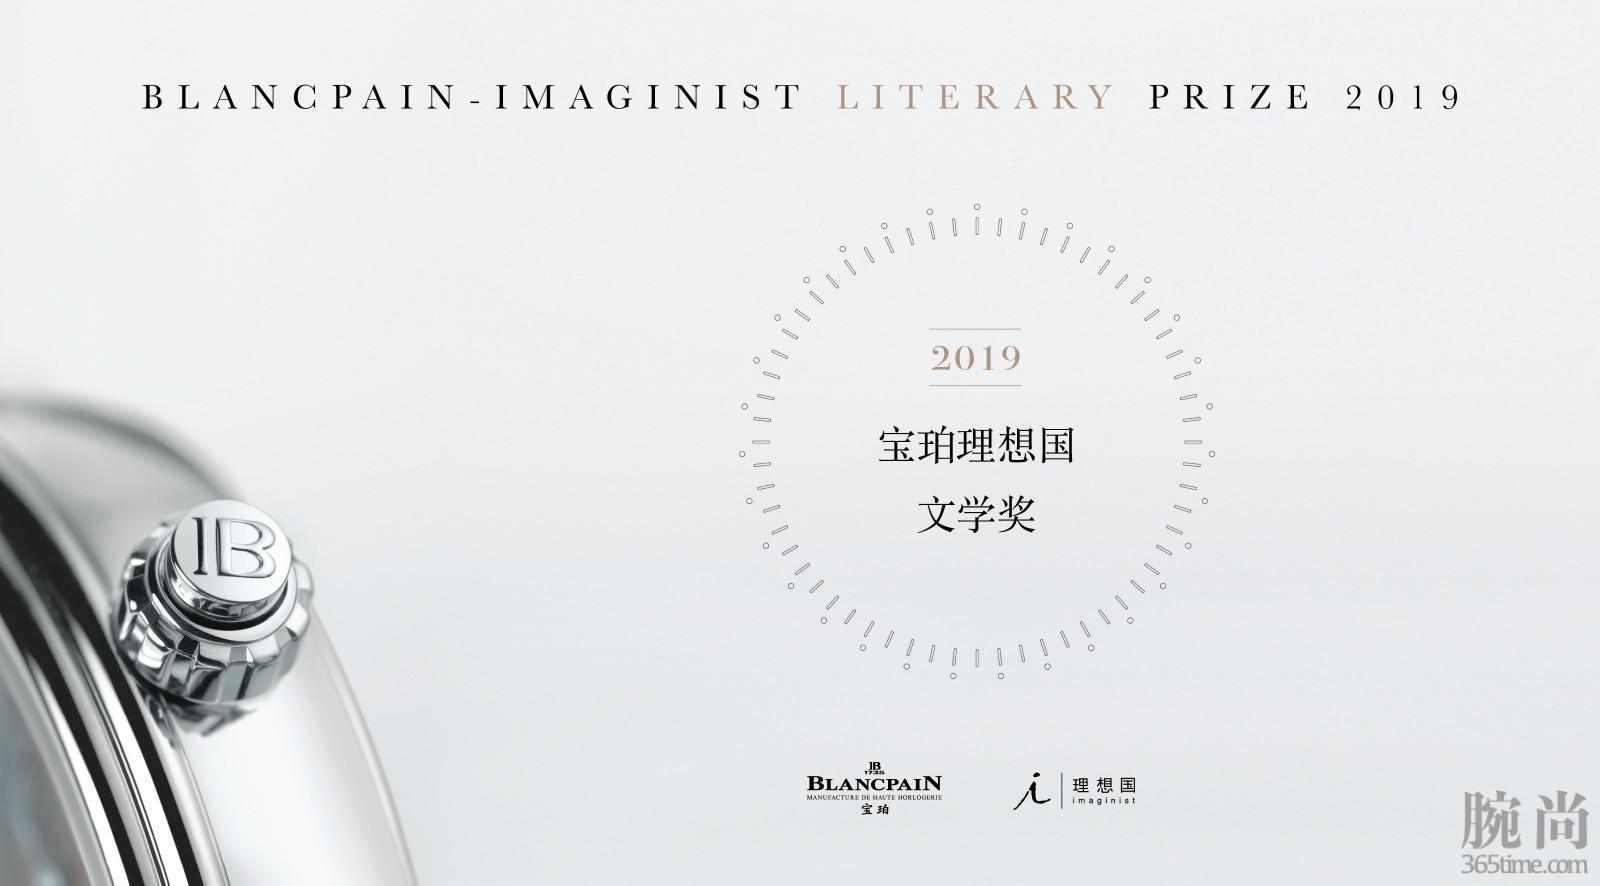 2019宝珀理想国文学奖主视觉.jpg